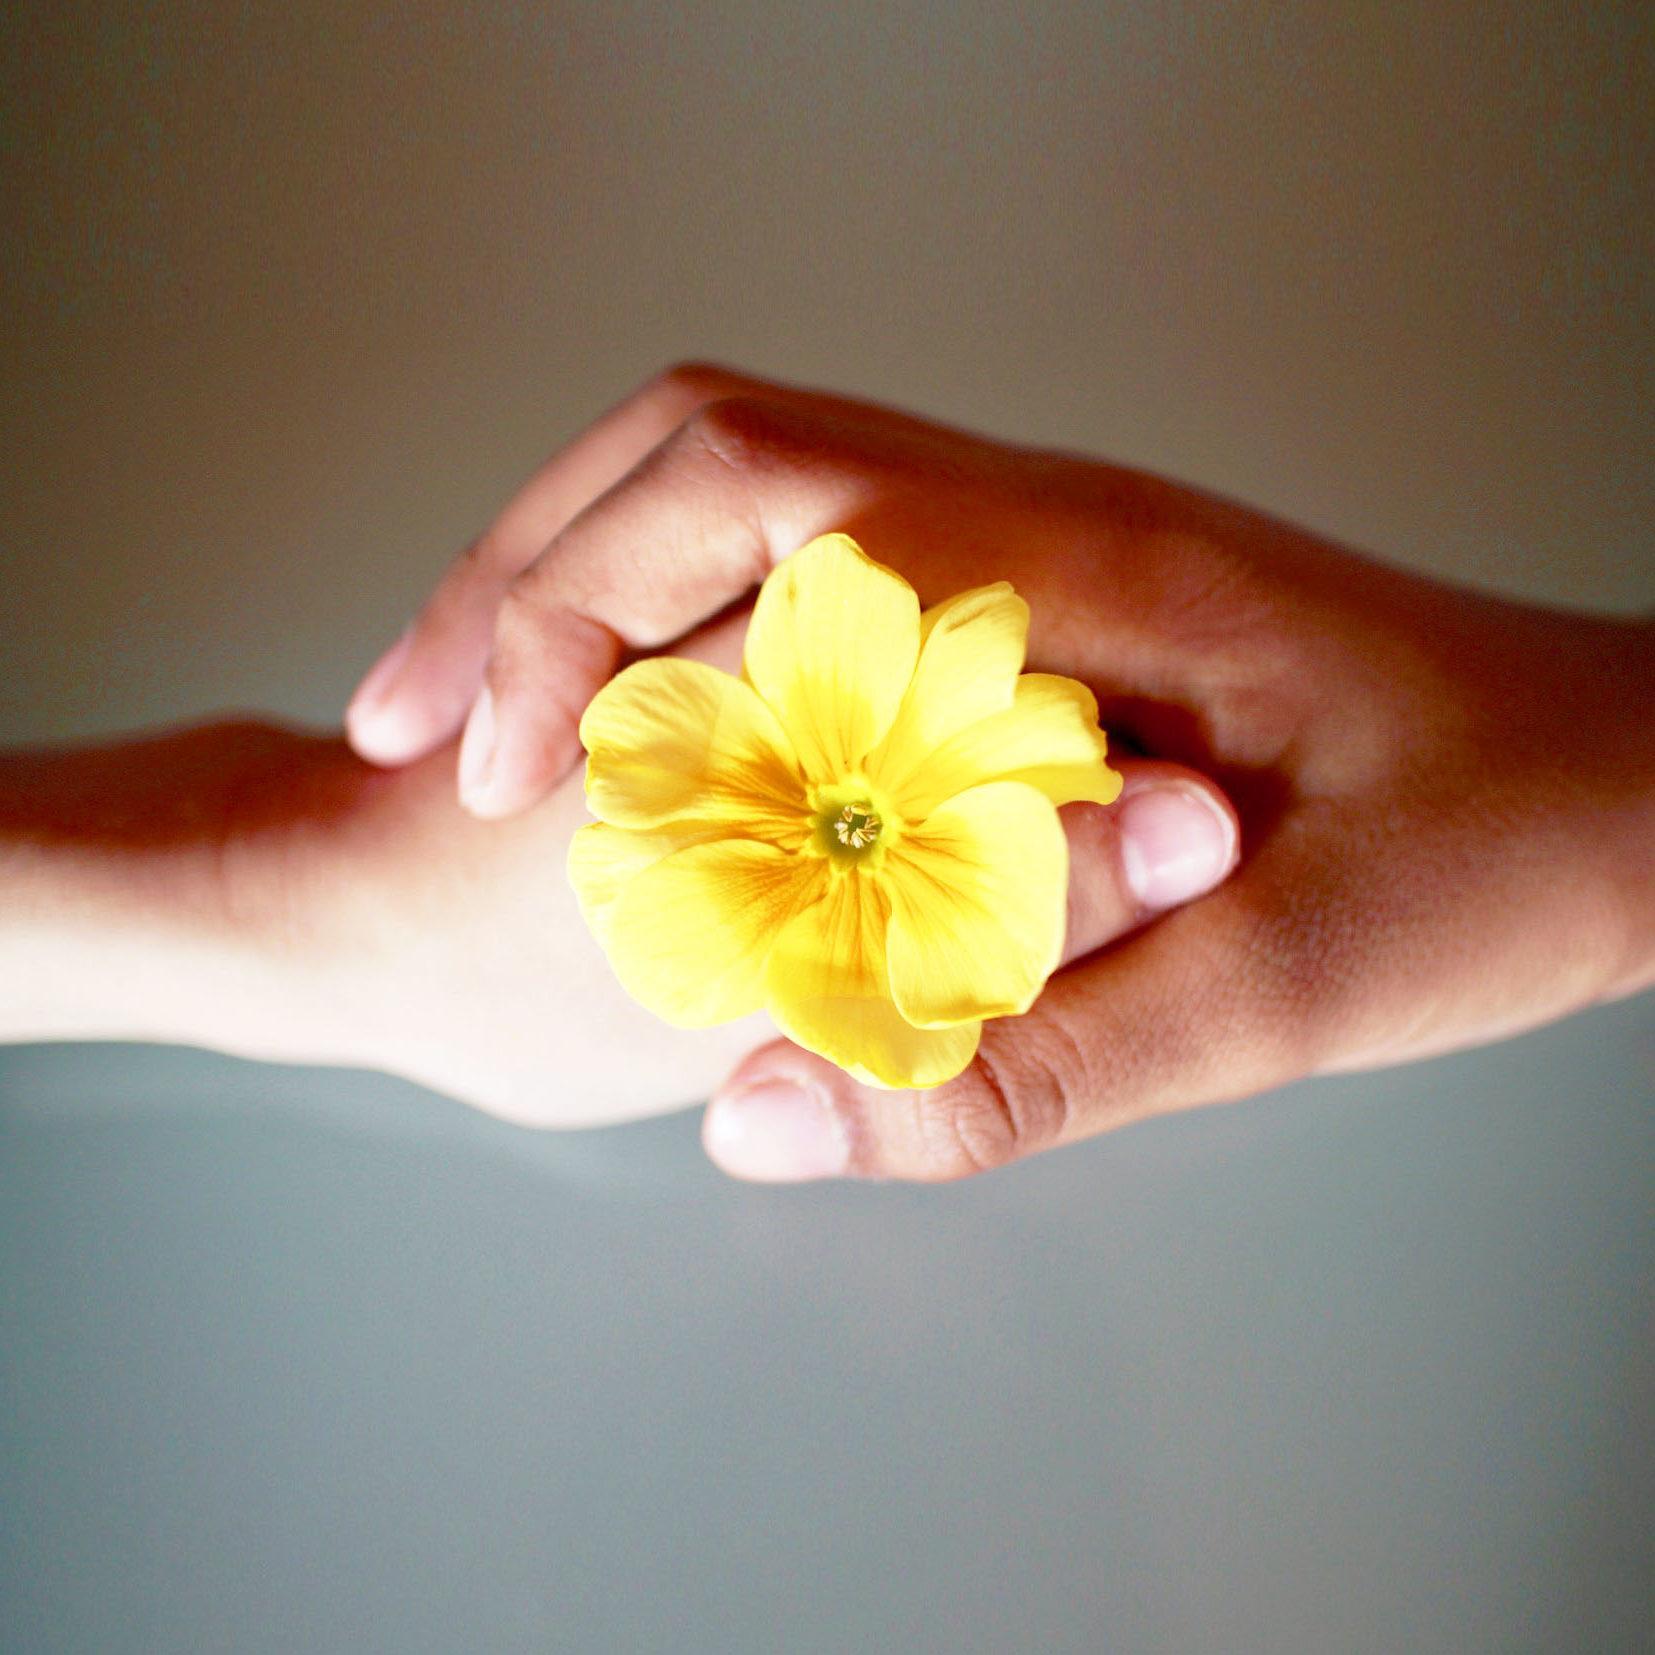 Manos con flor amarilla, apoyo emocional